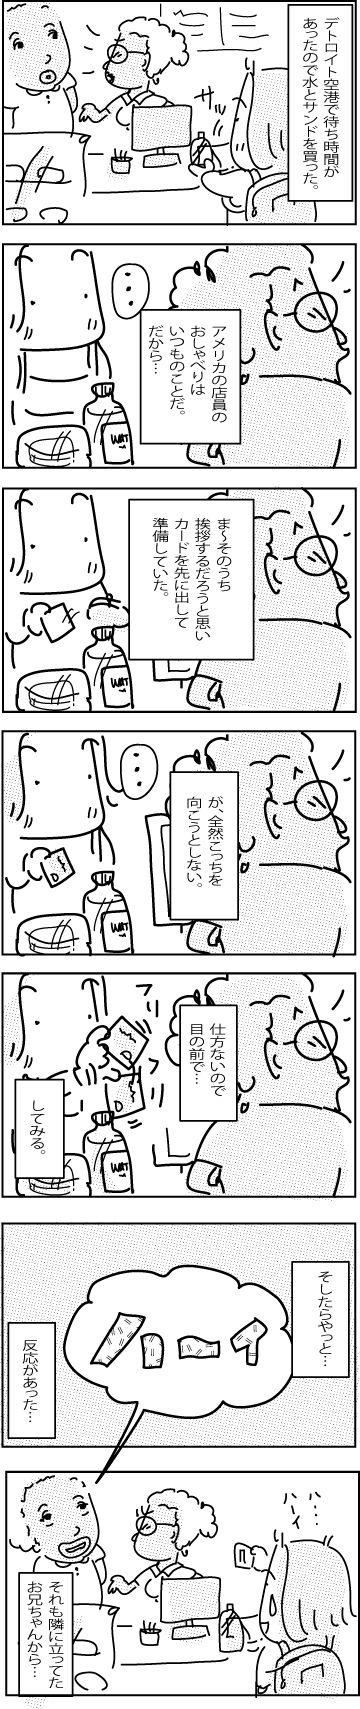 3-24-2018-Japan53